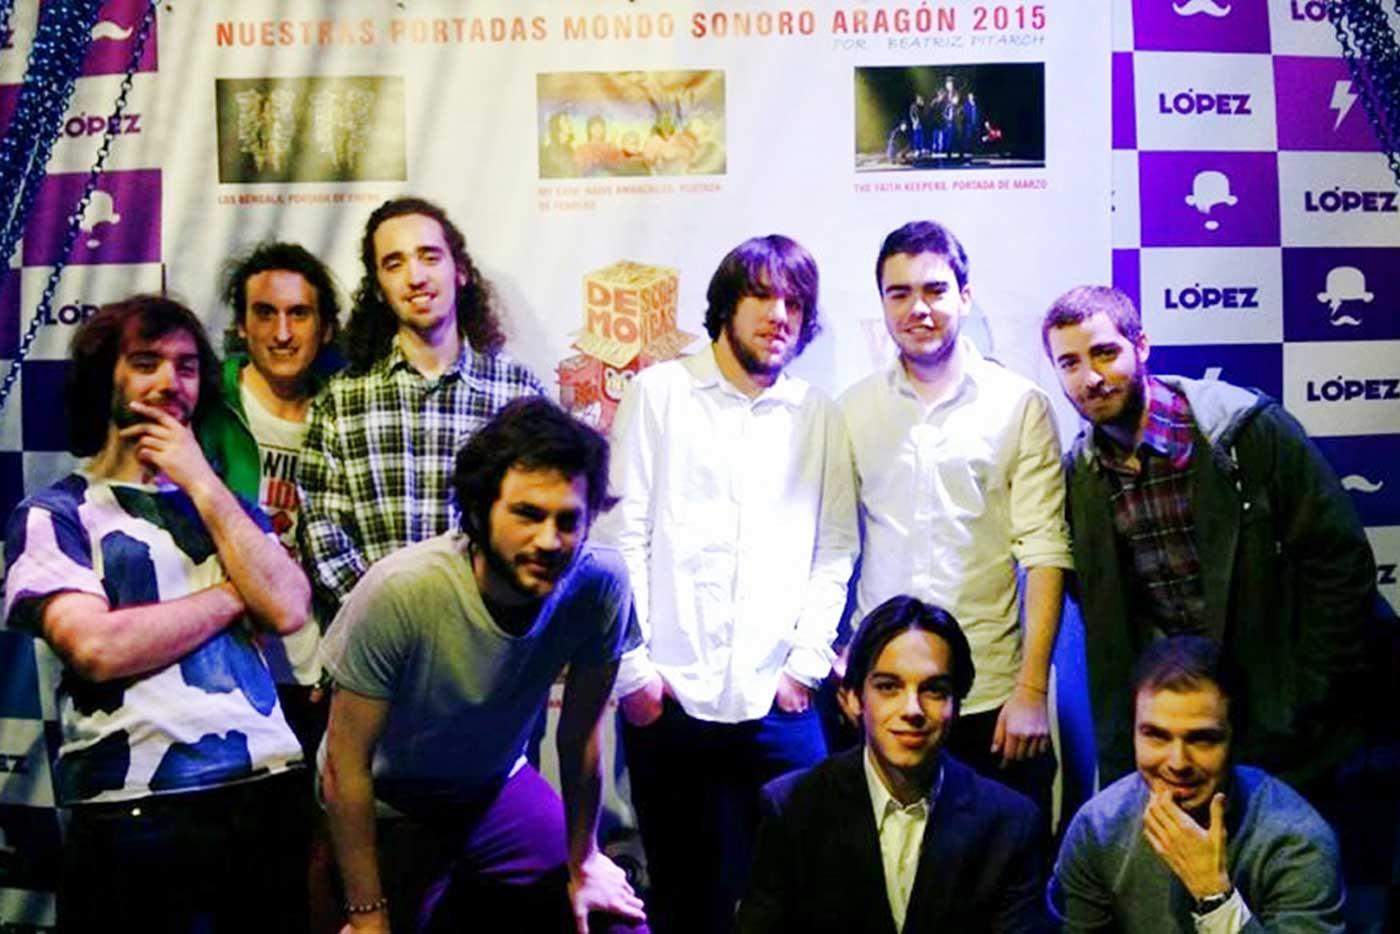 Fiestas Demoscópicas 2016: 2º round de Aragón